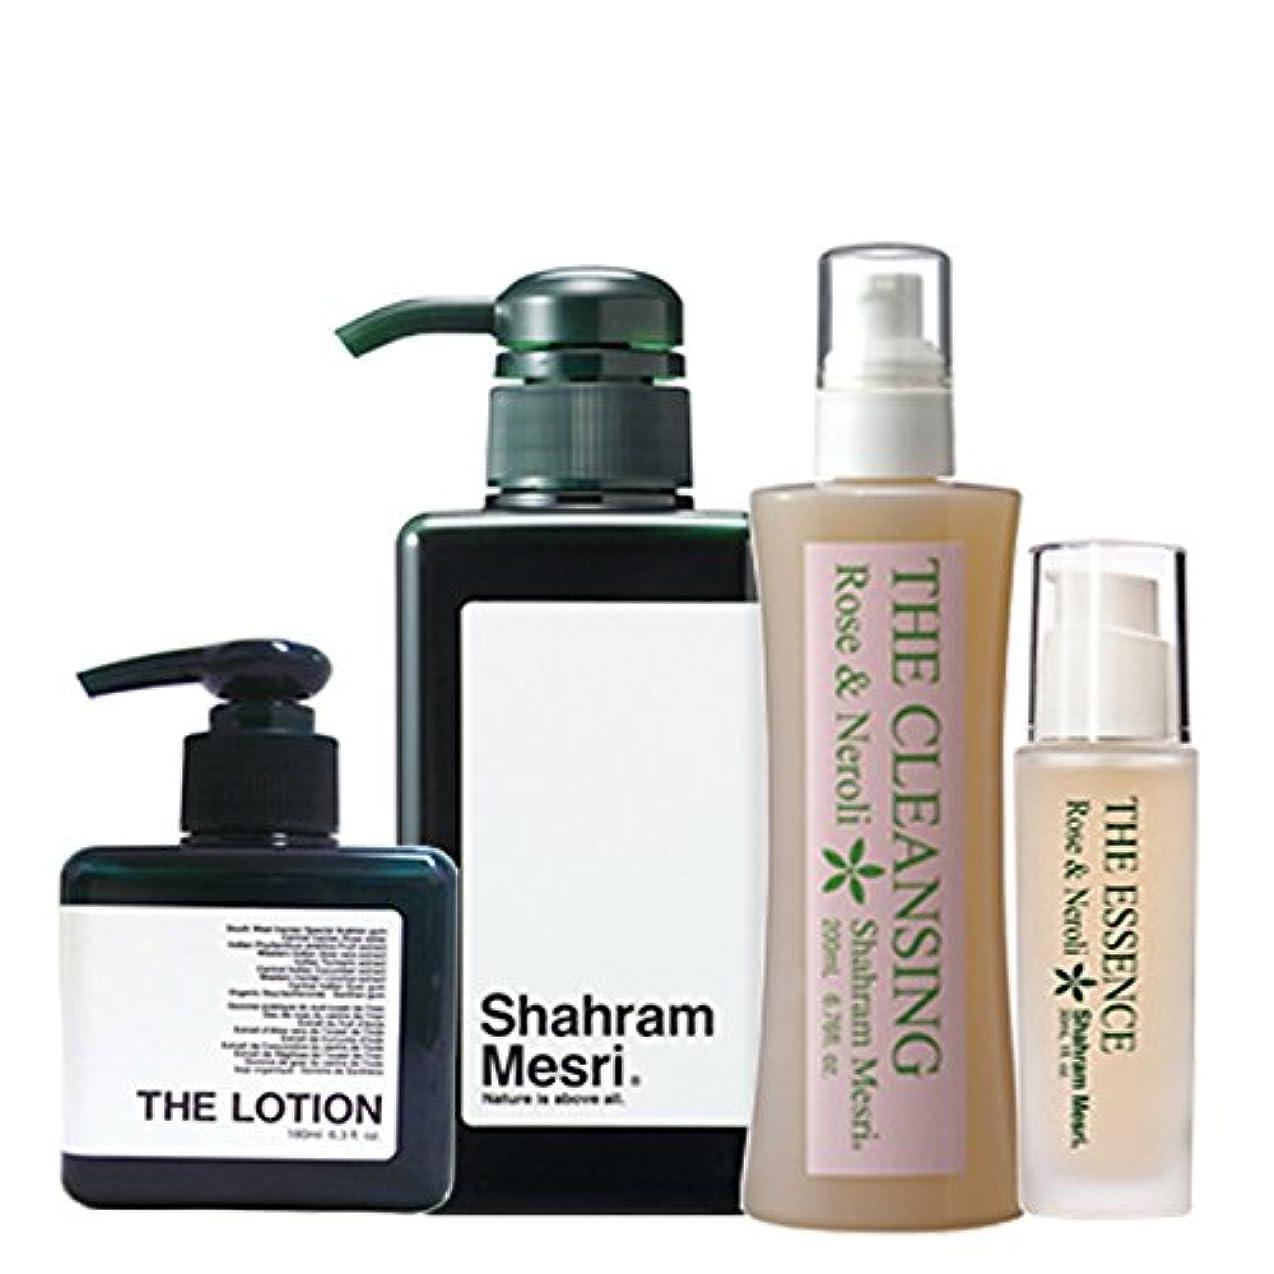 優しさインク合計Shahram Mesri パーフェクトセット シャハランメスリ ザ?シャンプー ザ?ローション ザ?クレンジング ザ?エッセンス のセットです。 お化粧落としからシャンプーそしてローションエッセンスの仕上げまで お試しください。